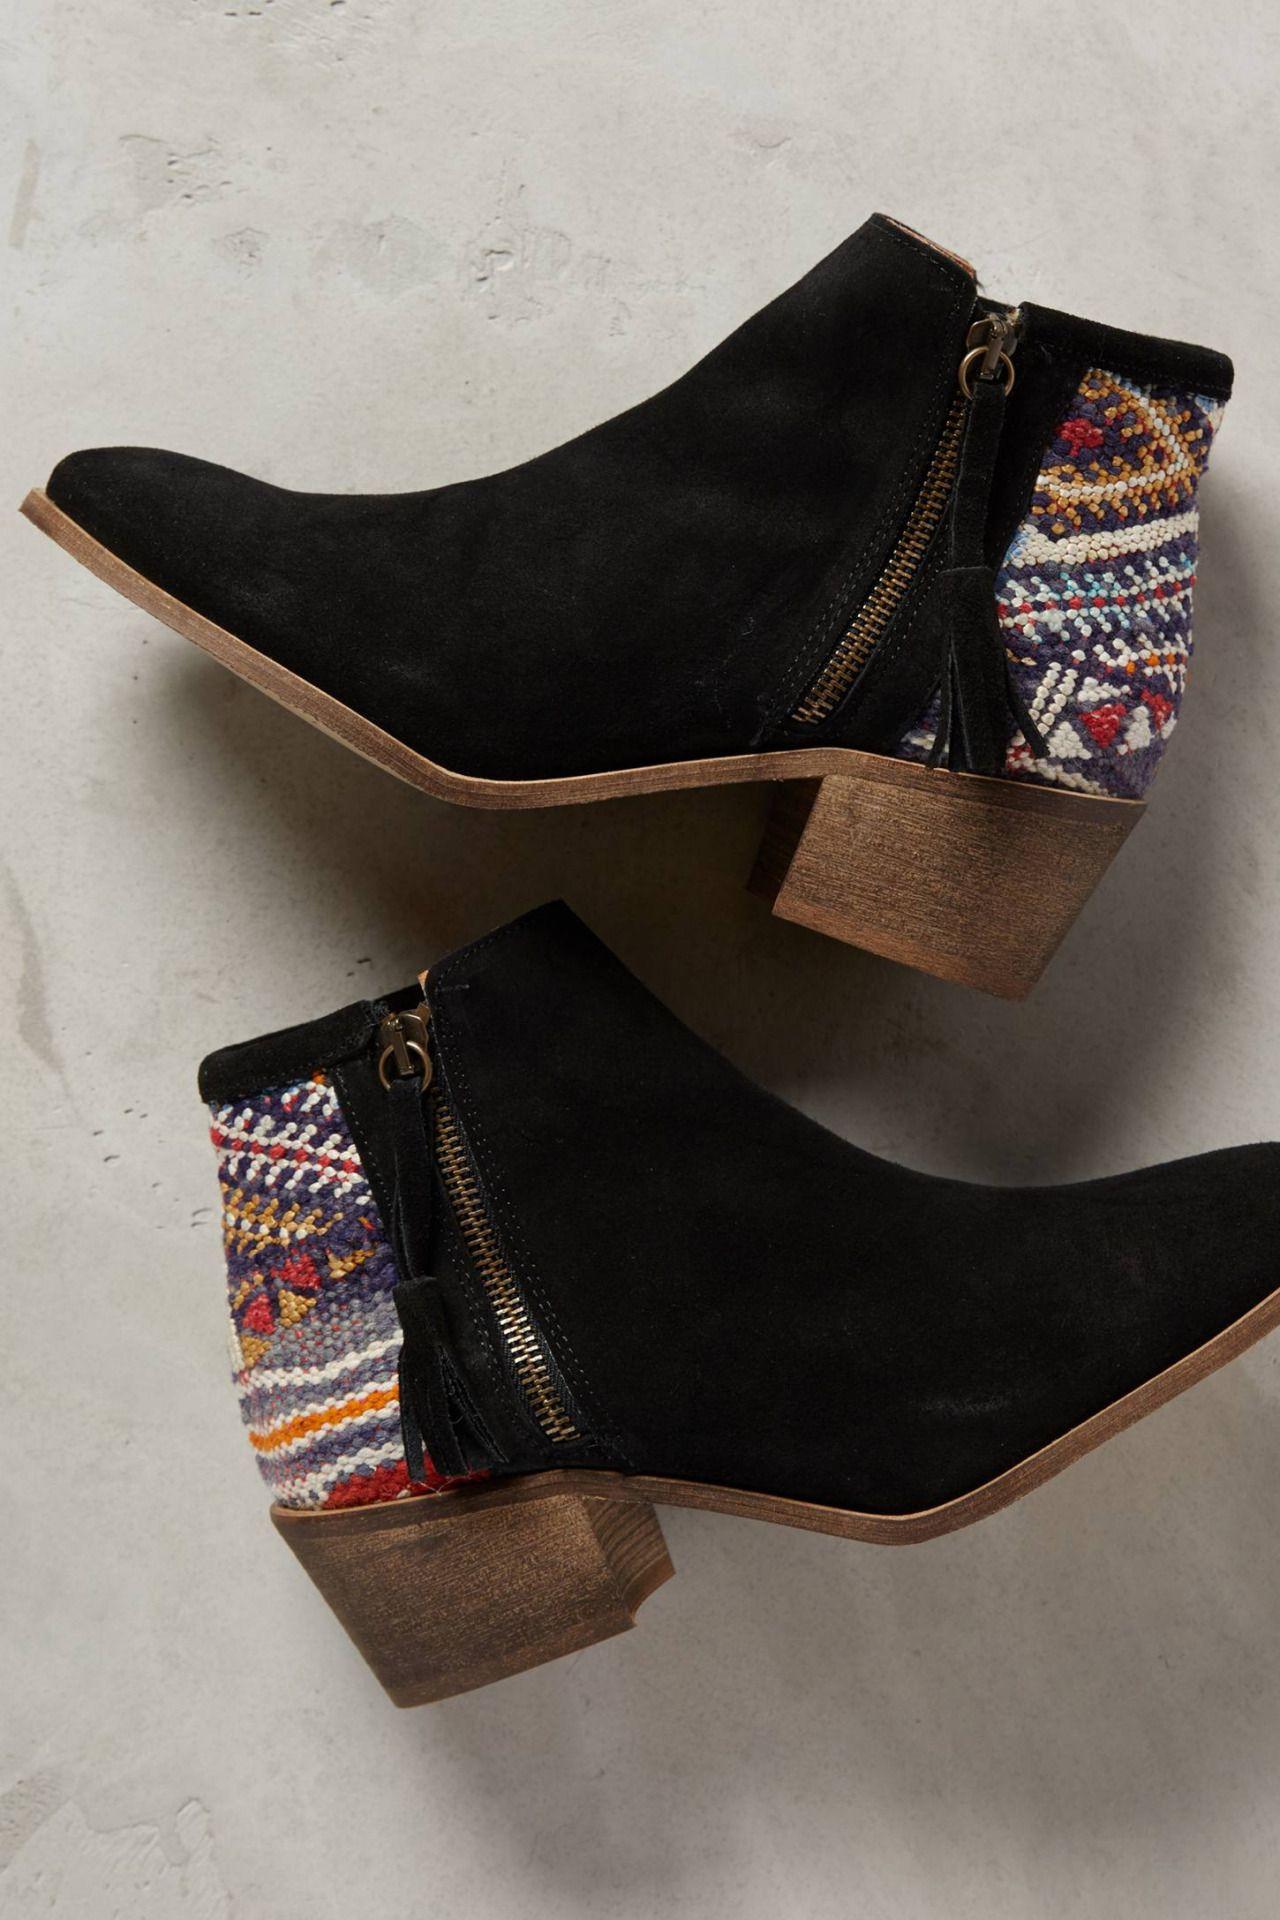 Gran descuento Lo último en línea barato Zapatos negros Howsty para mujer Buen servicio Tienda de liquidación Footlocker Finishline 5aGflfSve